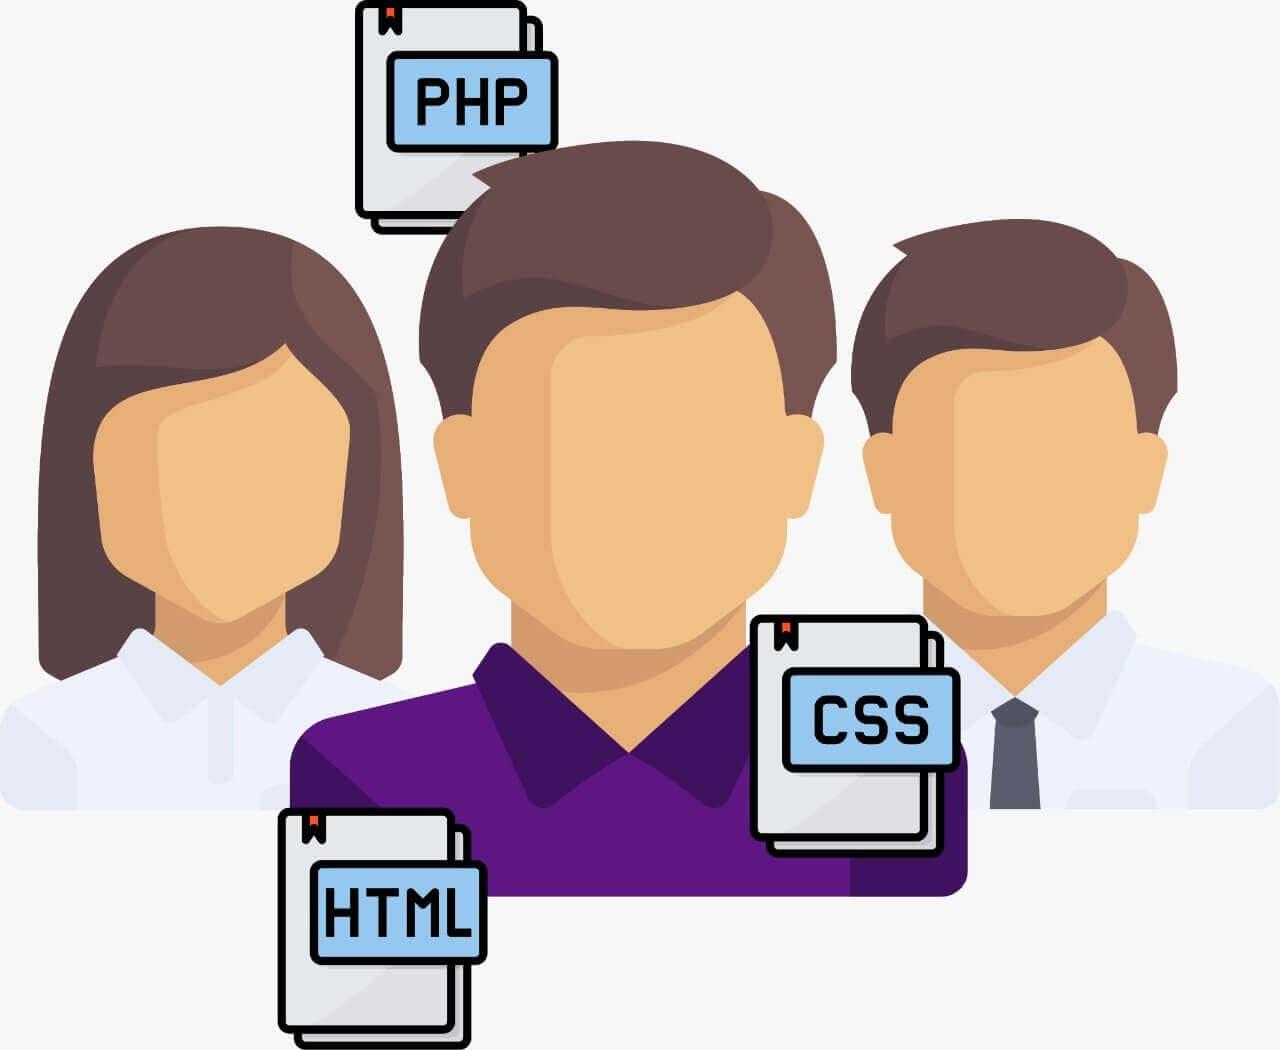 """Руководитель web-разработки (Team Lead)<span><img class=""""recommend-user-icon"""" src=""""/wp-content/themes/maxima/images/user.png"""" alt="""""""" title=""""За успешную рекомендацию на данную вакансию вы получите вознаграждение""""></span>"""